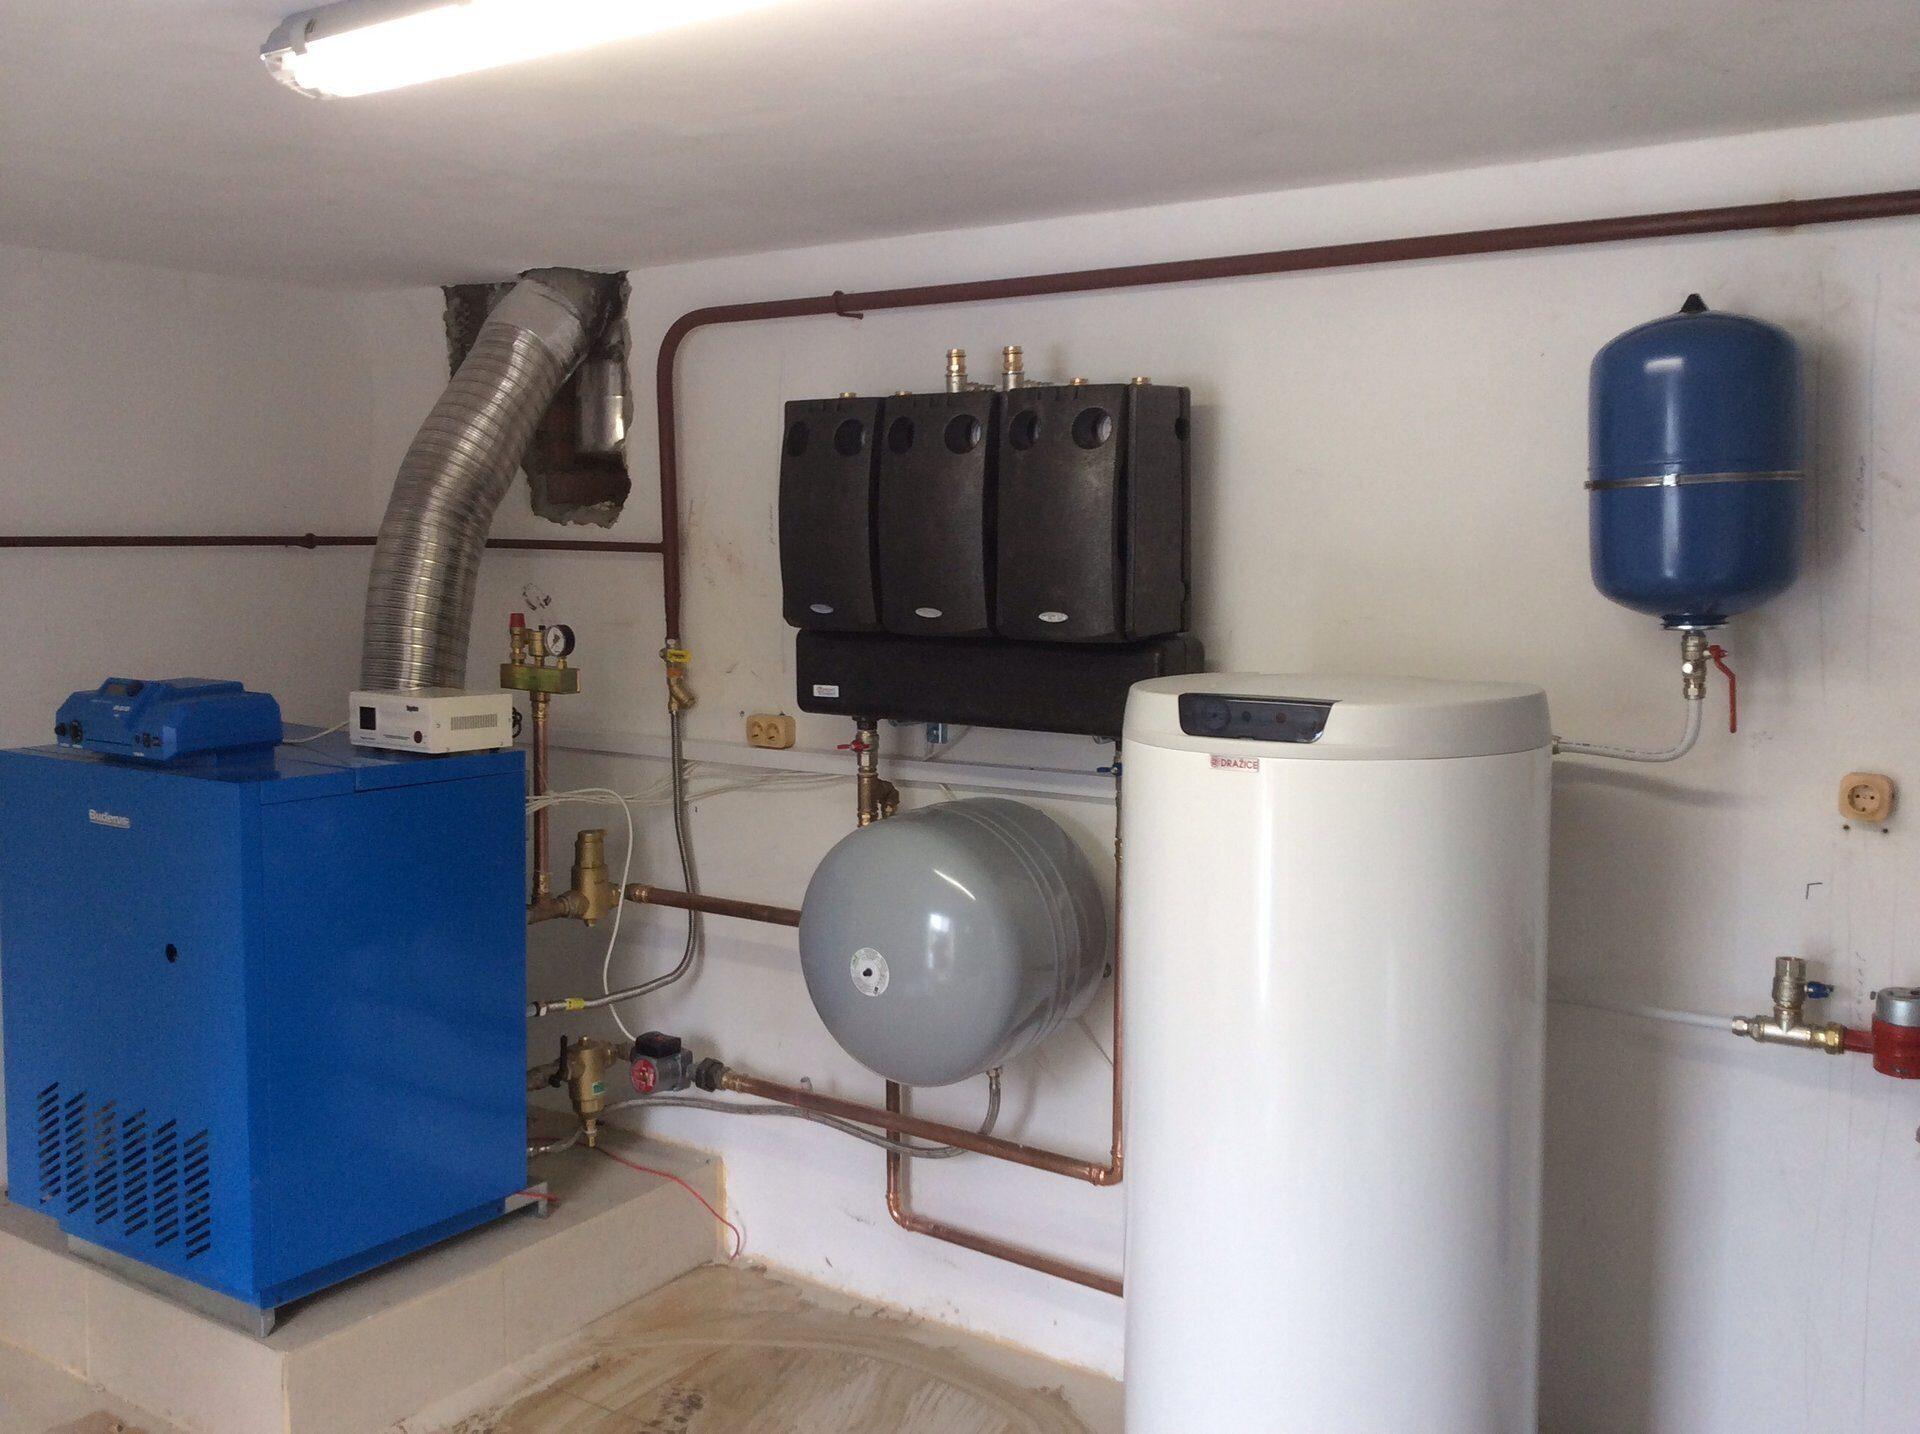 Хозяин планирует устроить в жилом доме отопление